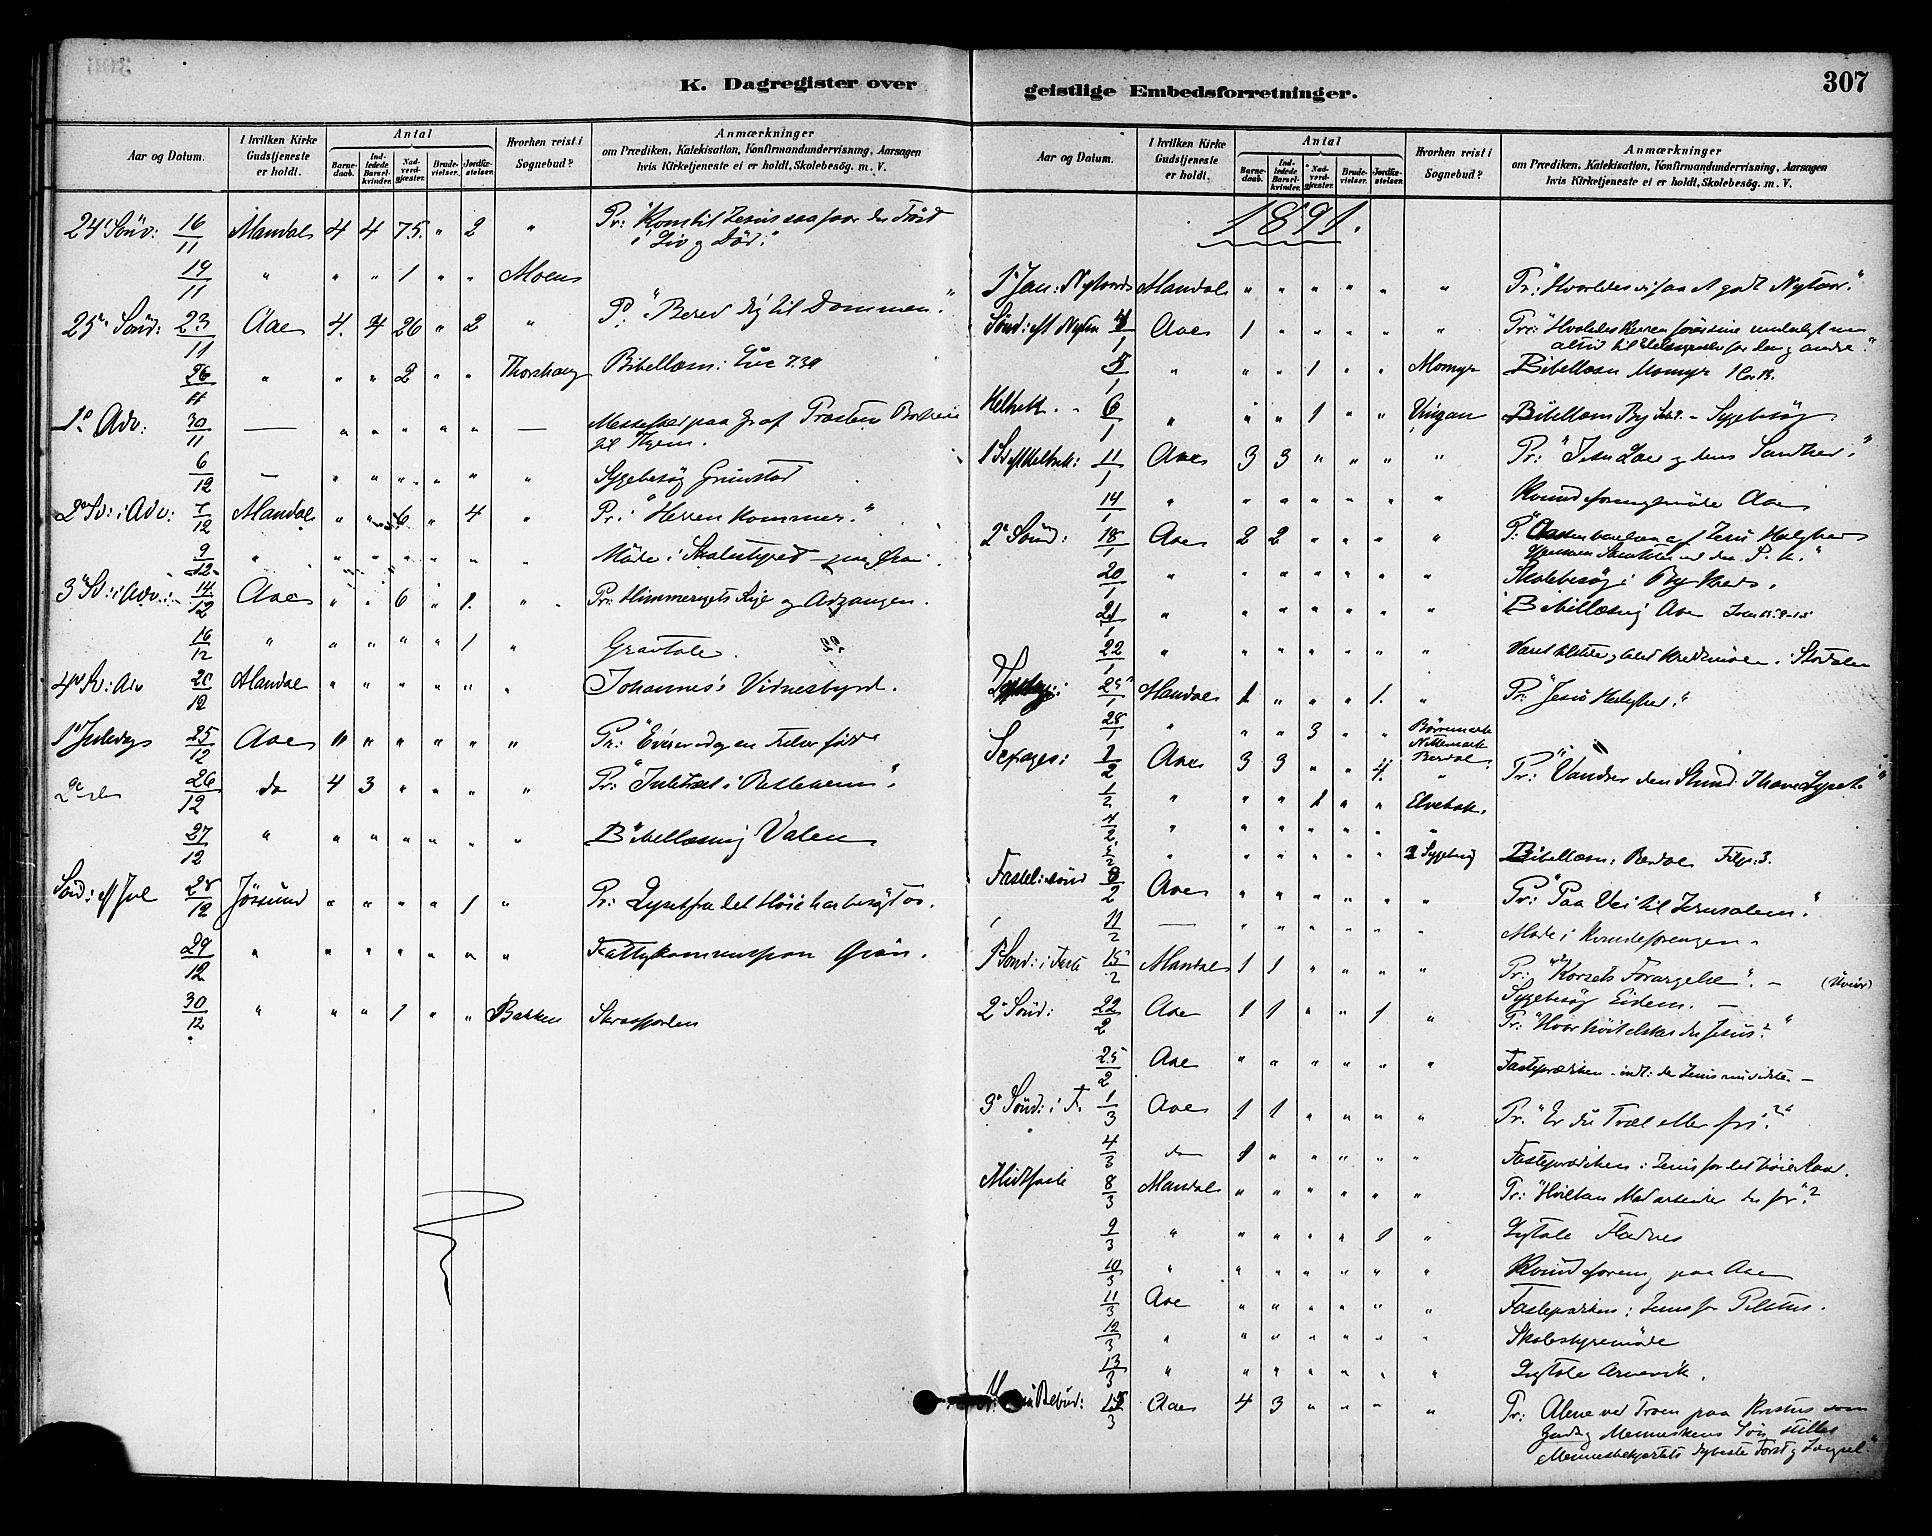 SAT, Ministerialprotokoller, klokkerbøker og fødselsregistre - Sør-Trøndelag, 655/L0680: Ministerialbok nr. 655A09, 1880-1894, s. 307